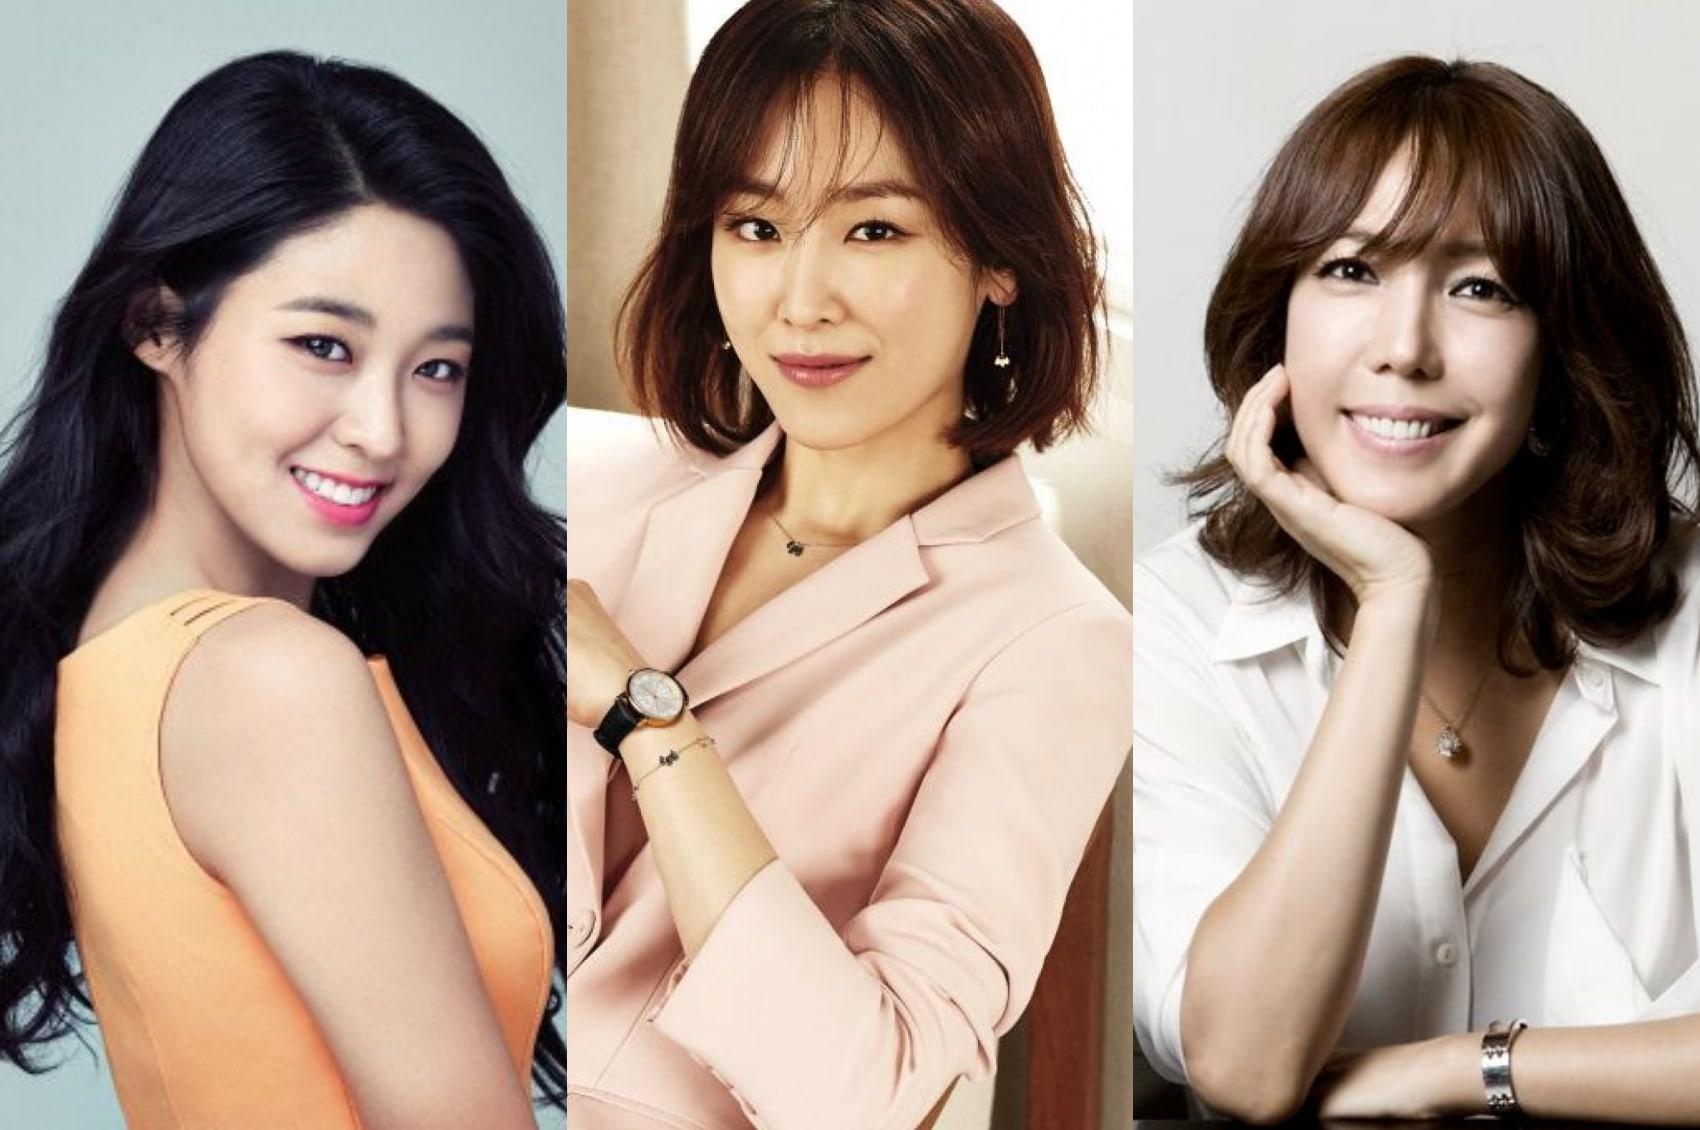 Seolhyun de AOA, Seo Hyun Jin y Jun Soo Kyung donan para ayudar a los afectados por el terremoto de Pohang